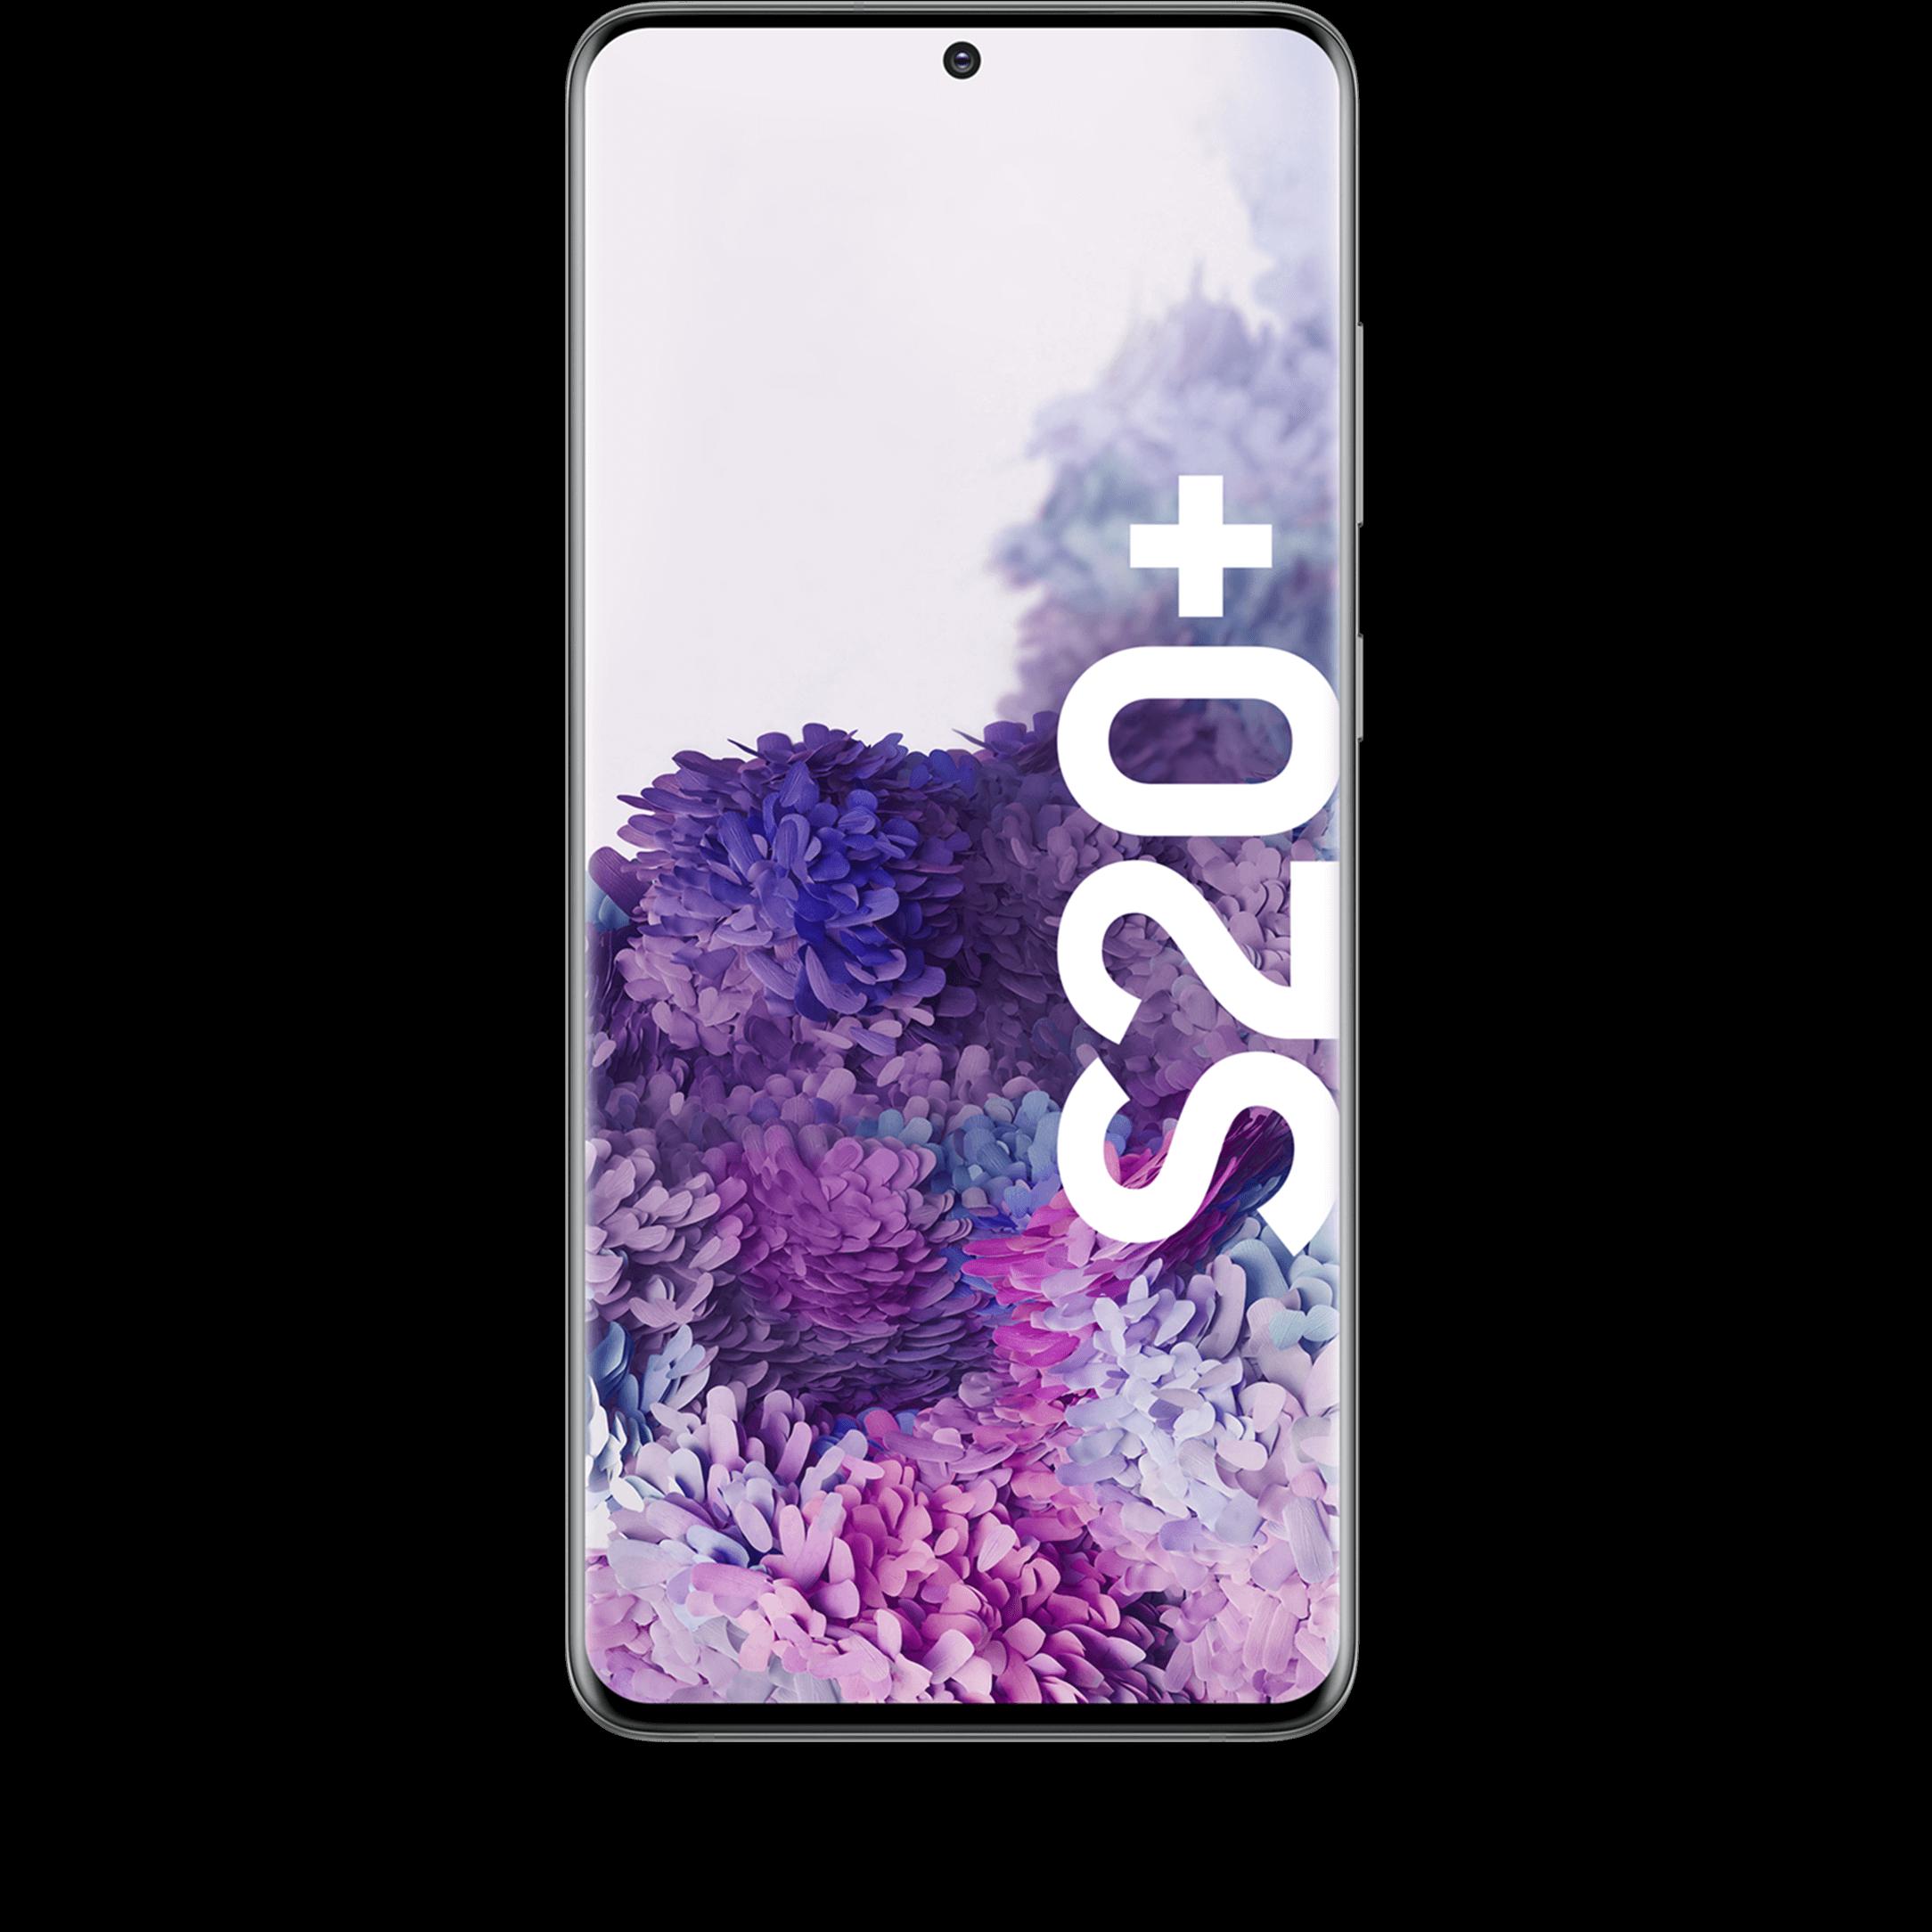 Günstig Kaufen beim Preisvergleich-Samsung Galaxy S20+ 128 GB gray mit Allnet Flat L